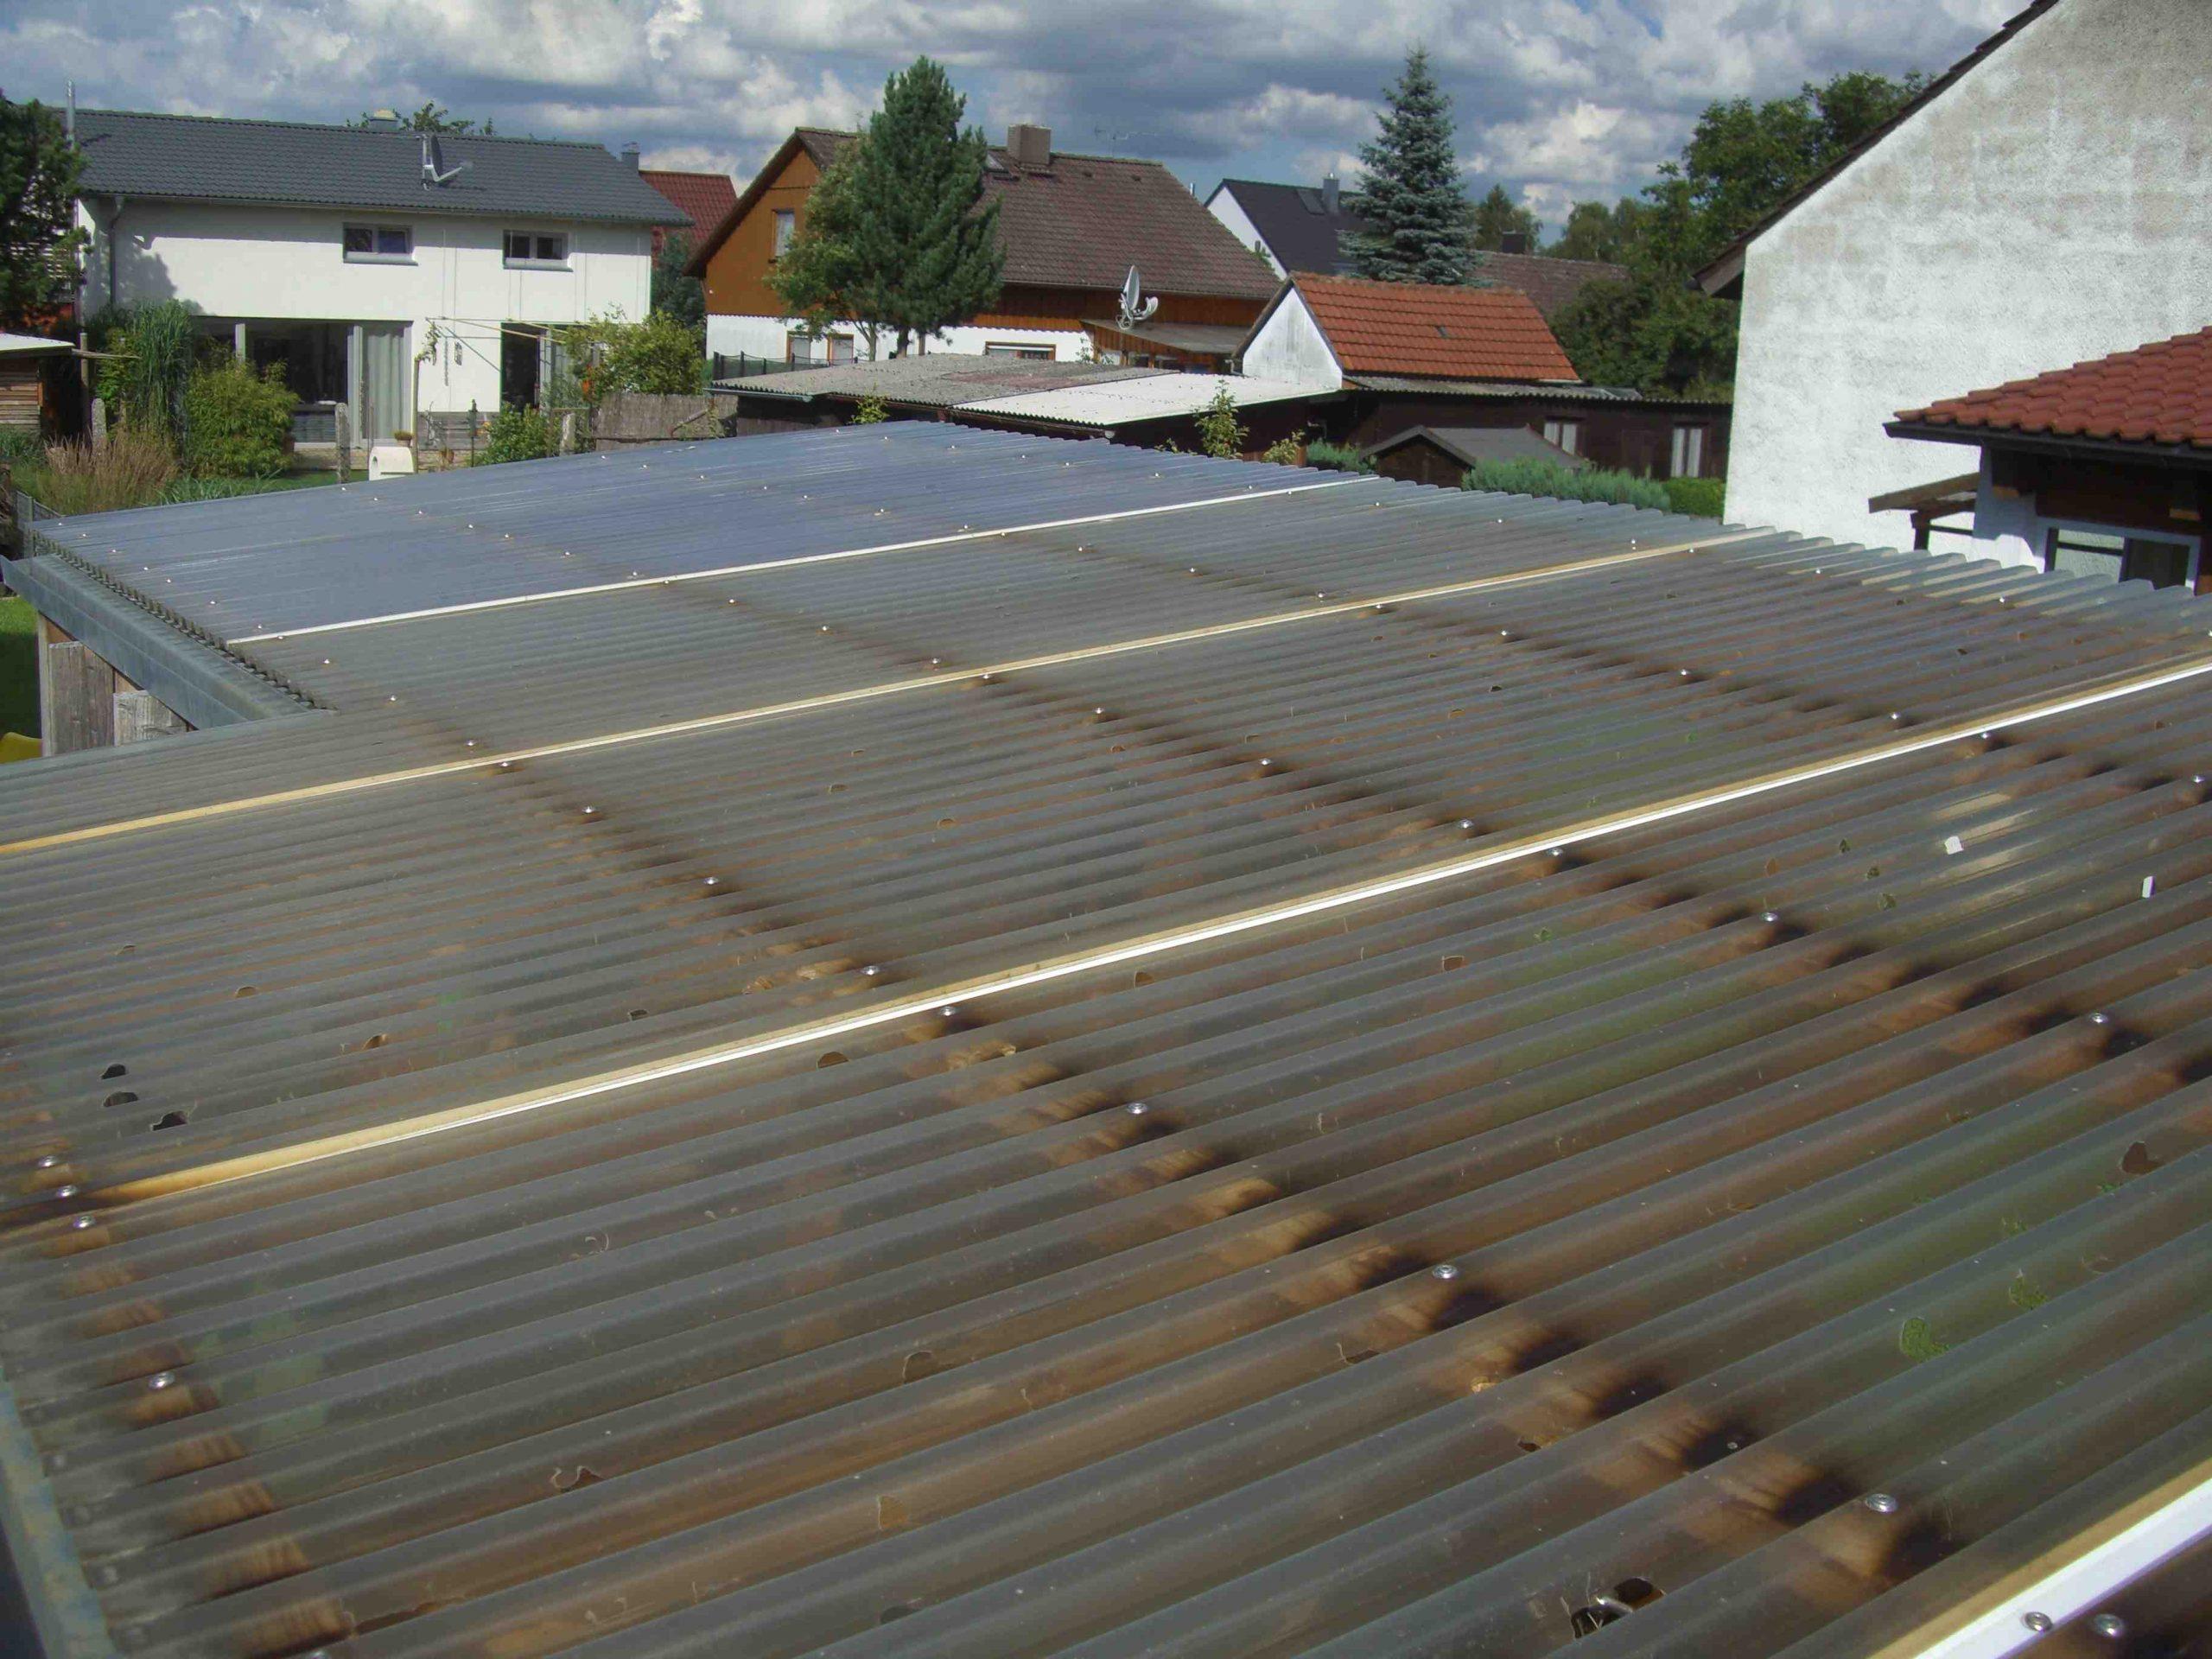 Dach1-scaled.jpg